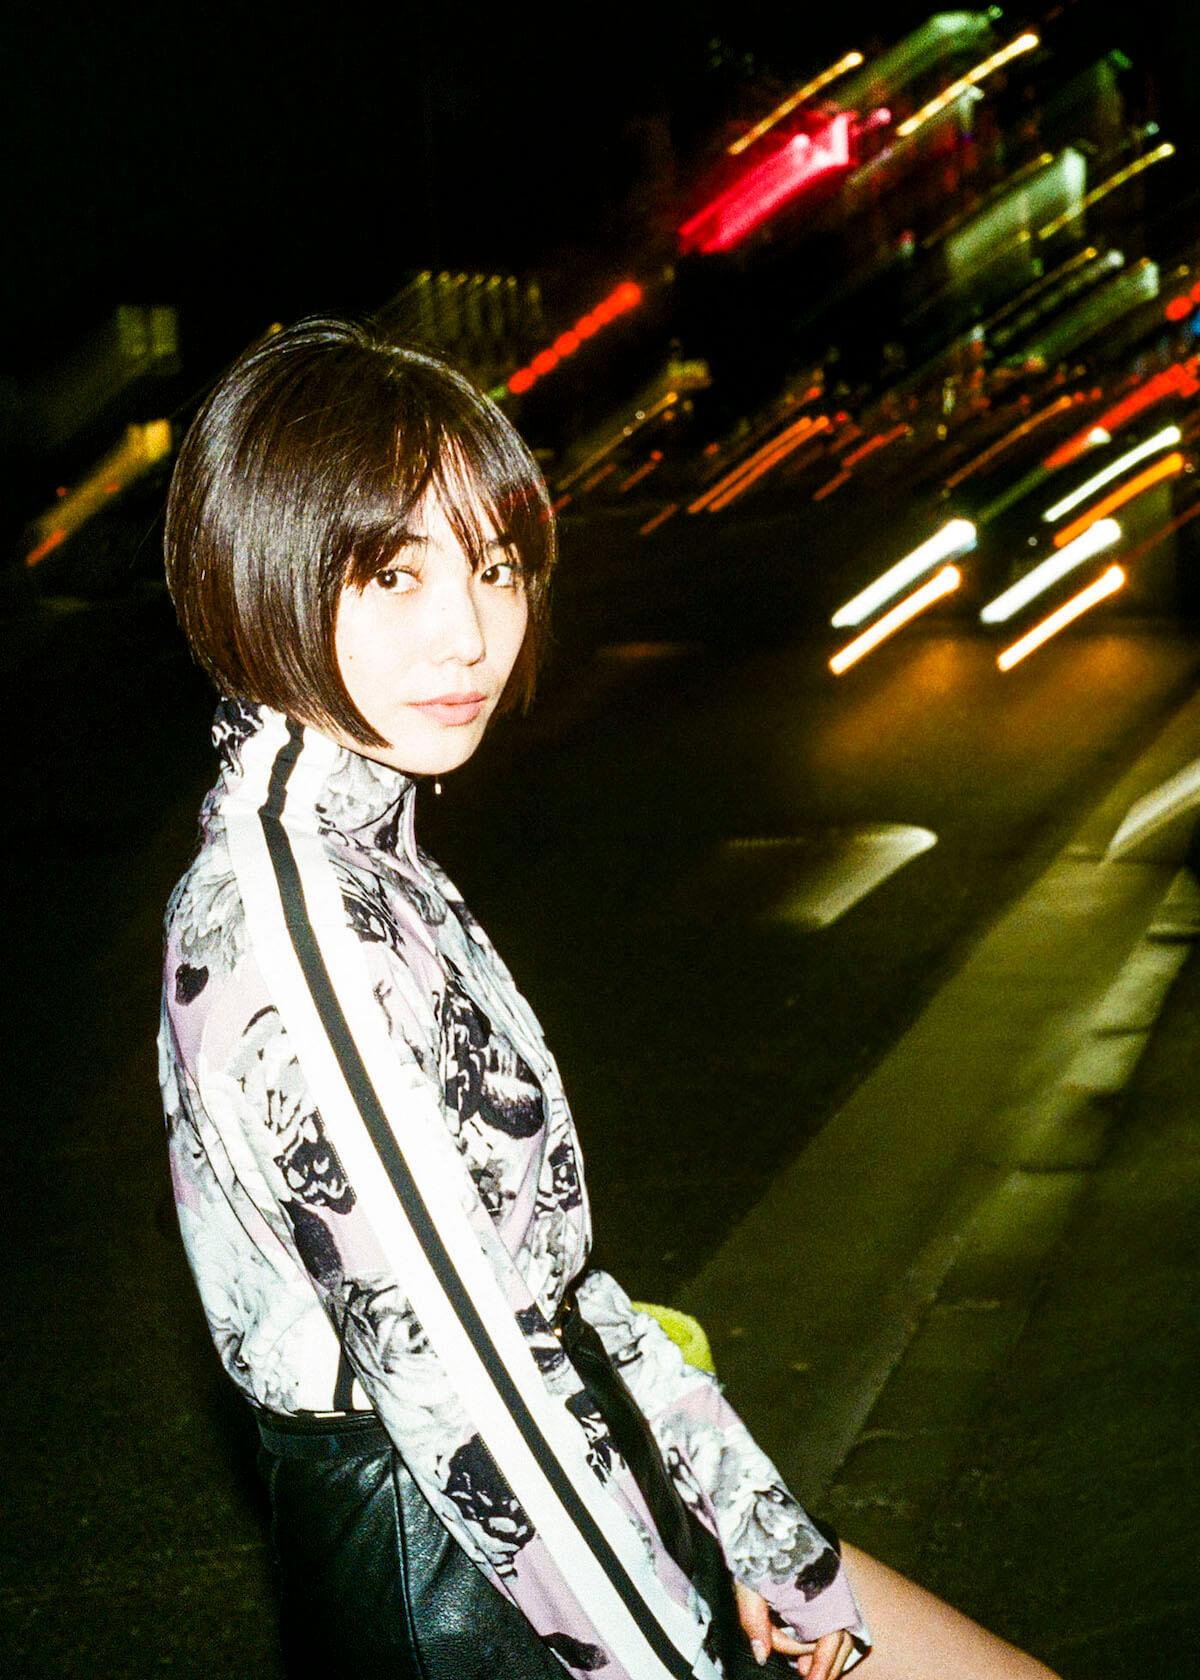 【25's view】アーティスト・Mikako|25人の25歳へインタビュー interview_190826_mikako_1